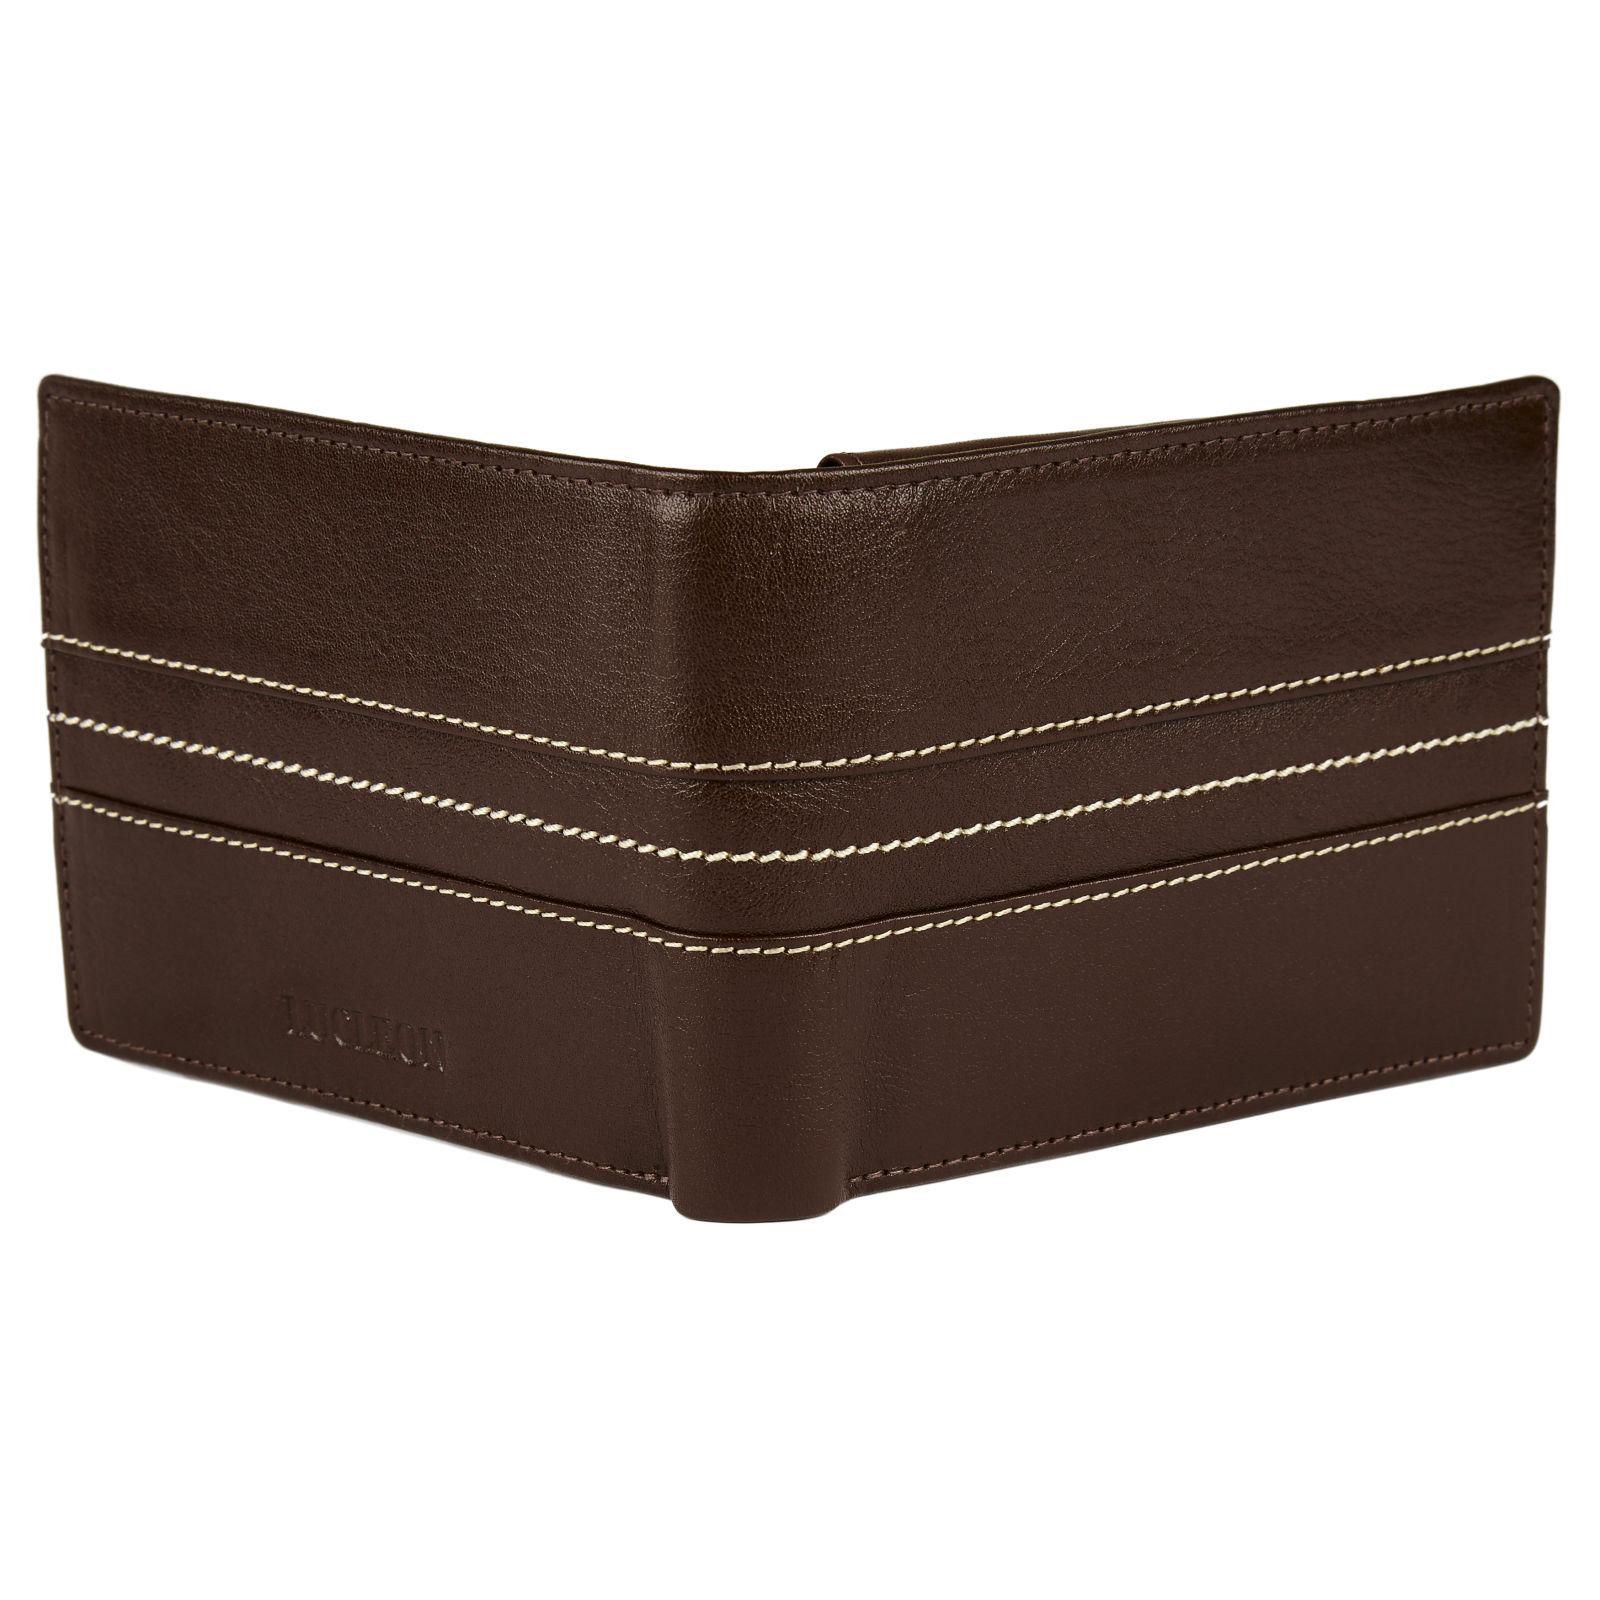 76b3937ce66ae Brązowy skórzany zszywany potrójnie składany portfel Royce | Darmowa  wysyłka | Lucleon